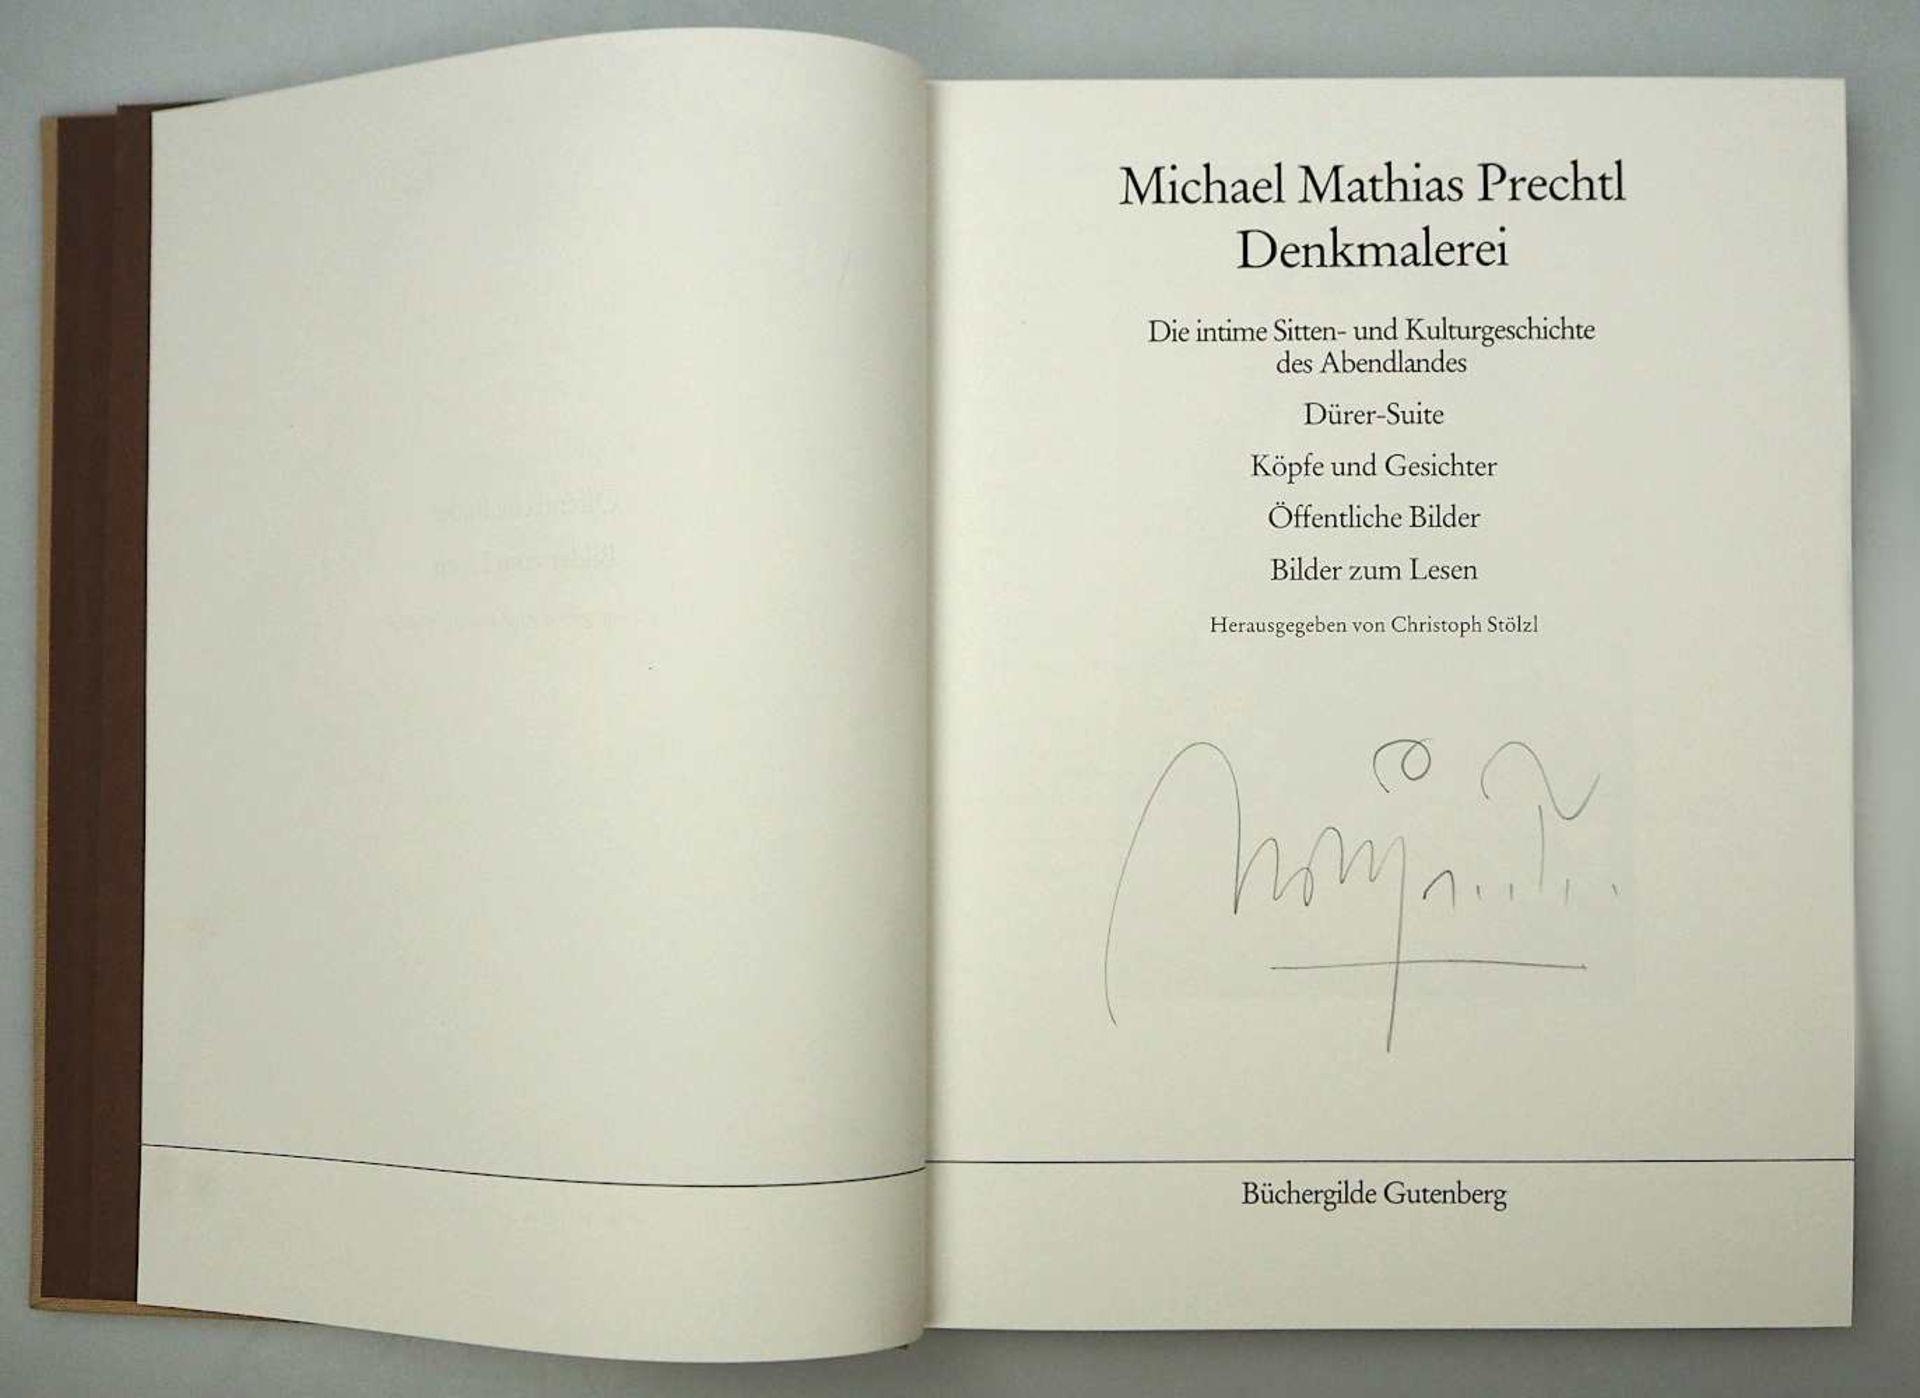 1 Sammlung Kunstbücher mit dem Schwerpunkt Michael Mathias PRECHTL (wohl 1926-2003) z.T. mit Or - Bild 9 aus 11